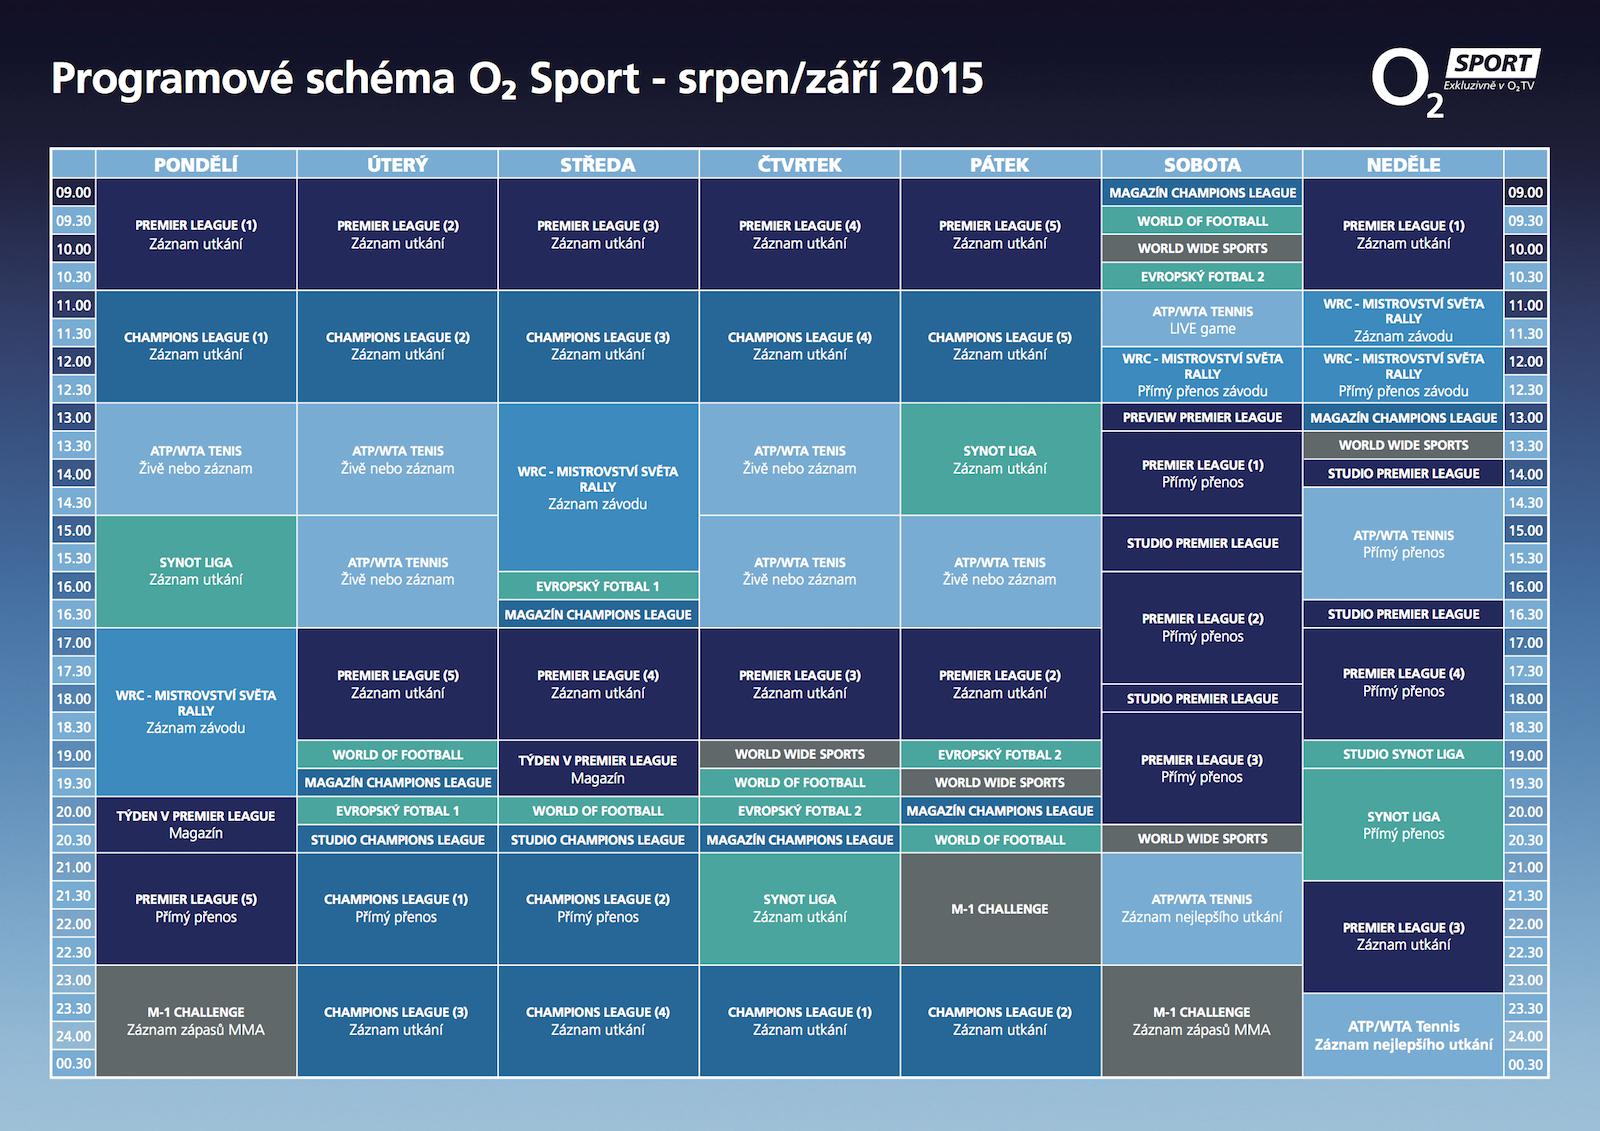 Programové schéma O2 Sport pro srpen a září 2015